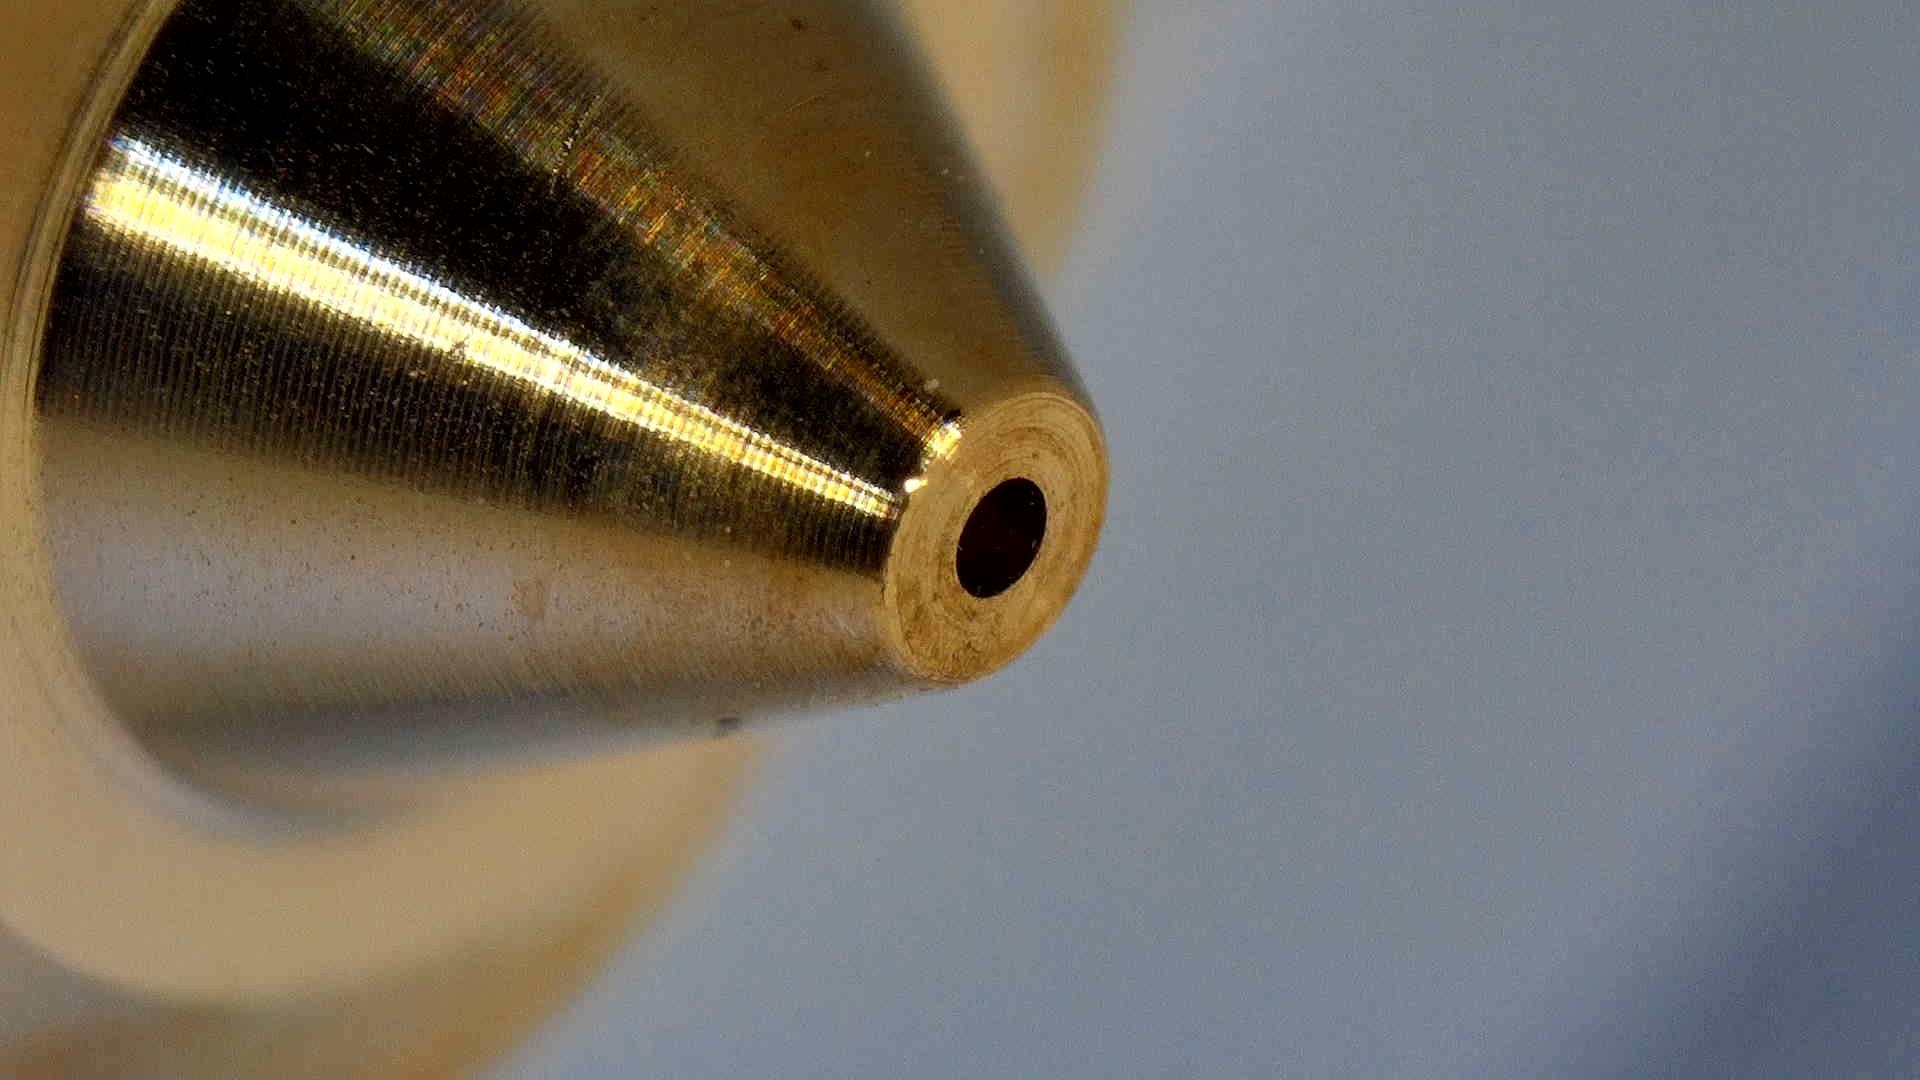 Mellow-NF-V6-Sharp-Volcano-Brass-Nozzle-2-3D Printer Nozzle Comparison